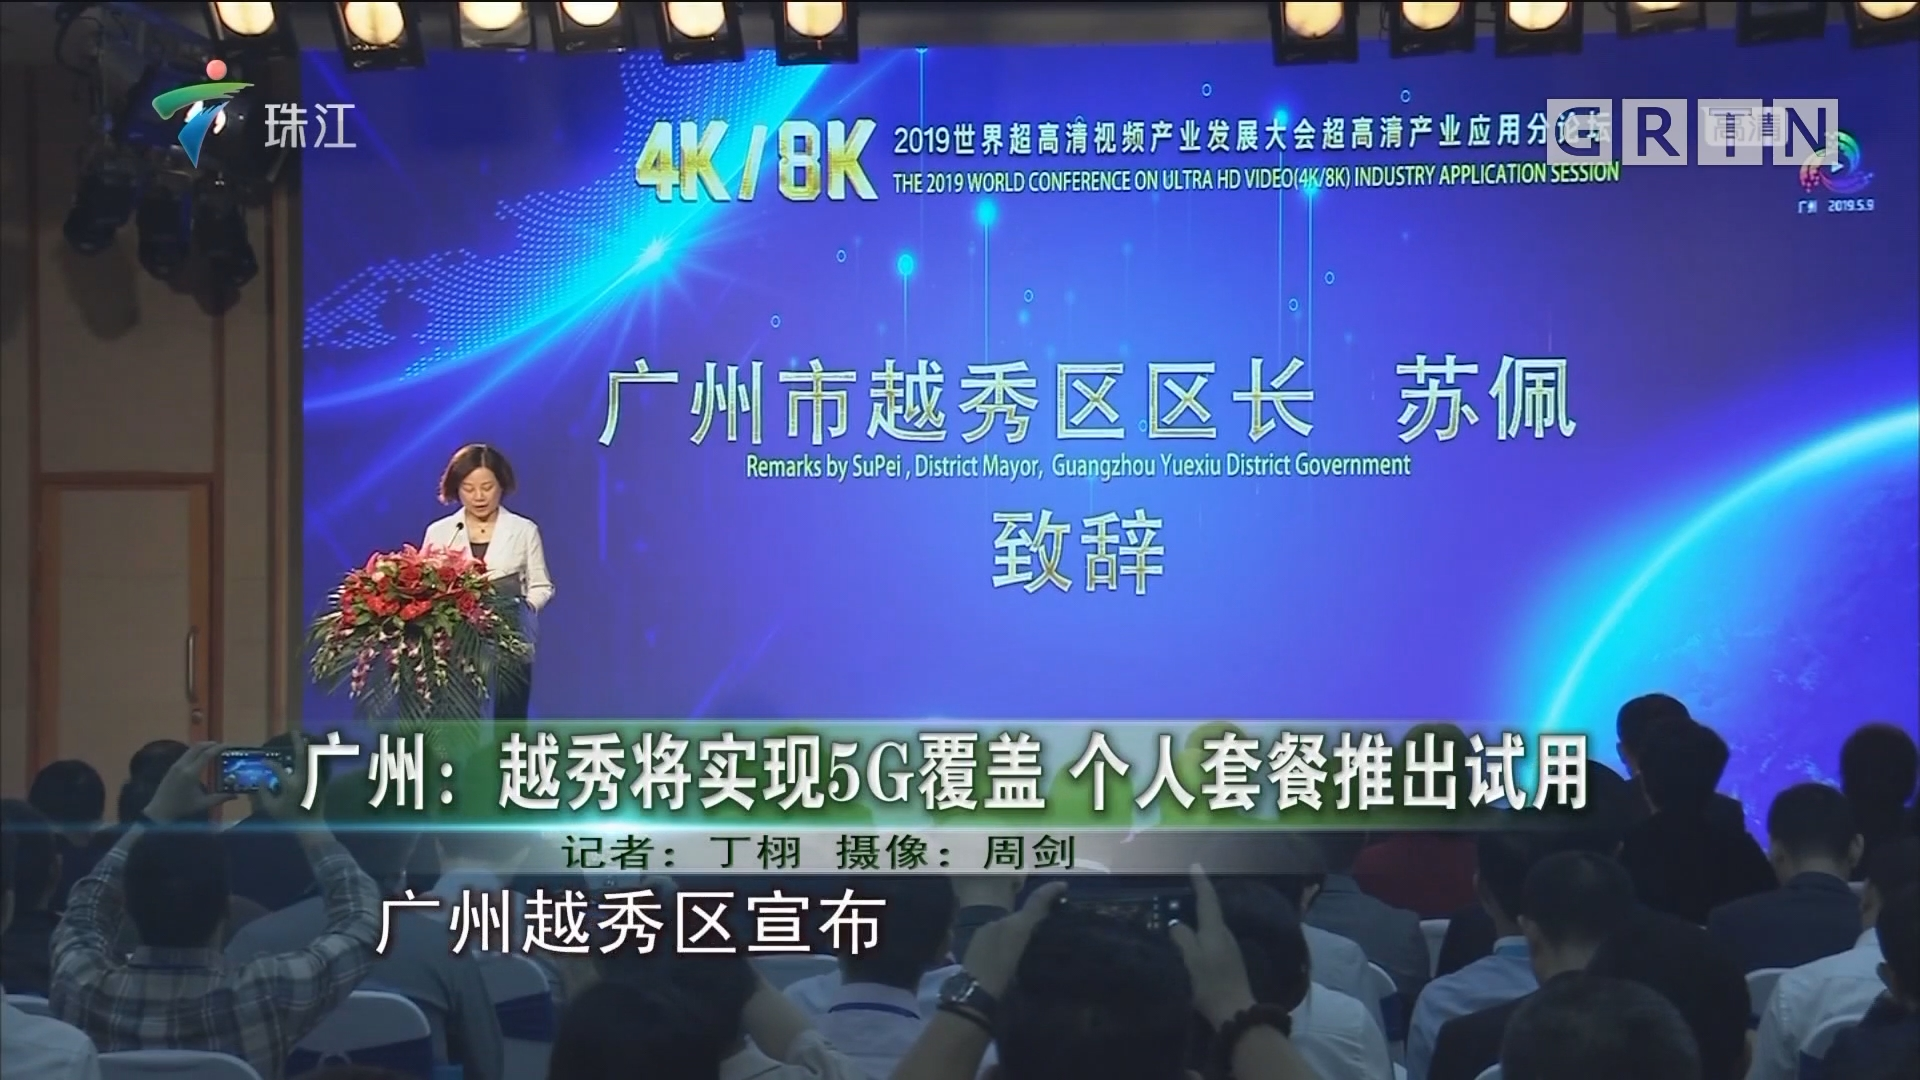 广州:越秀将实现5G覆盖 个人套餐推出试用